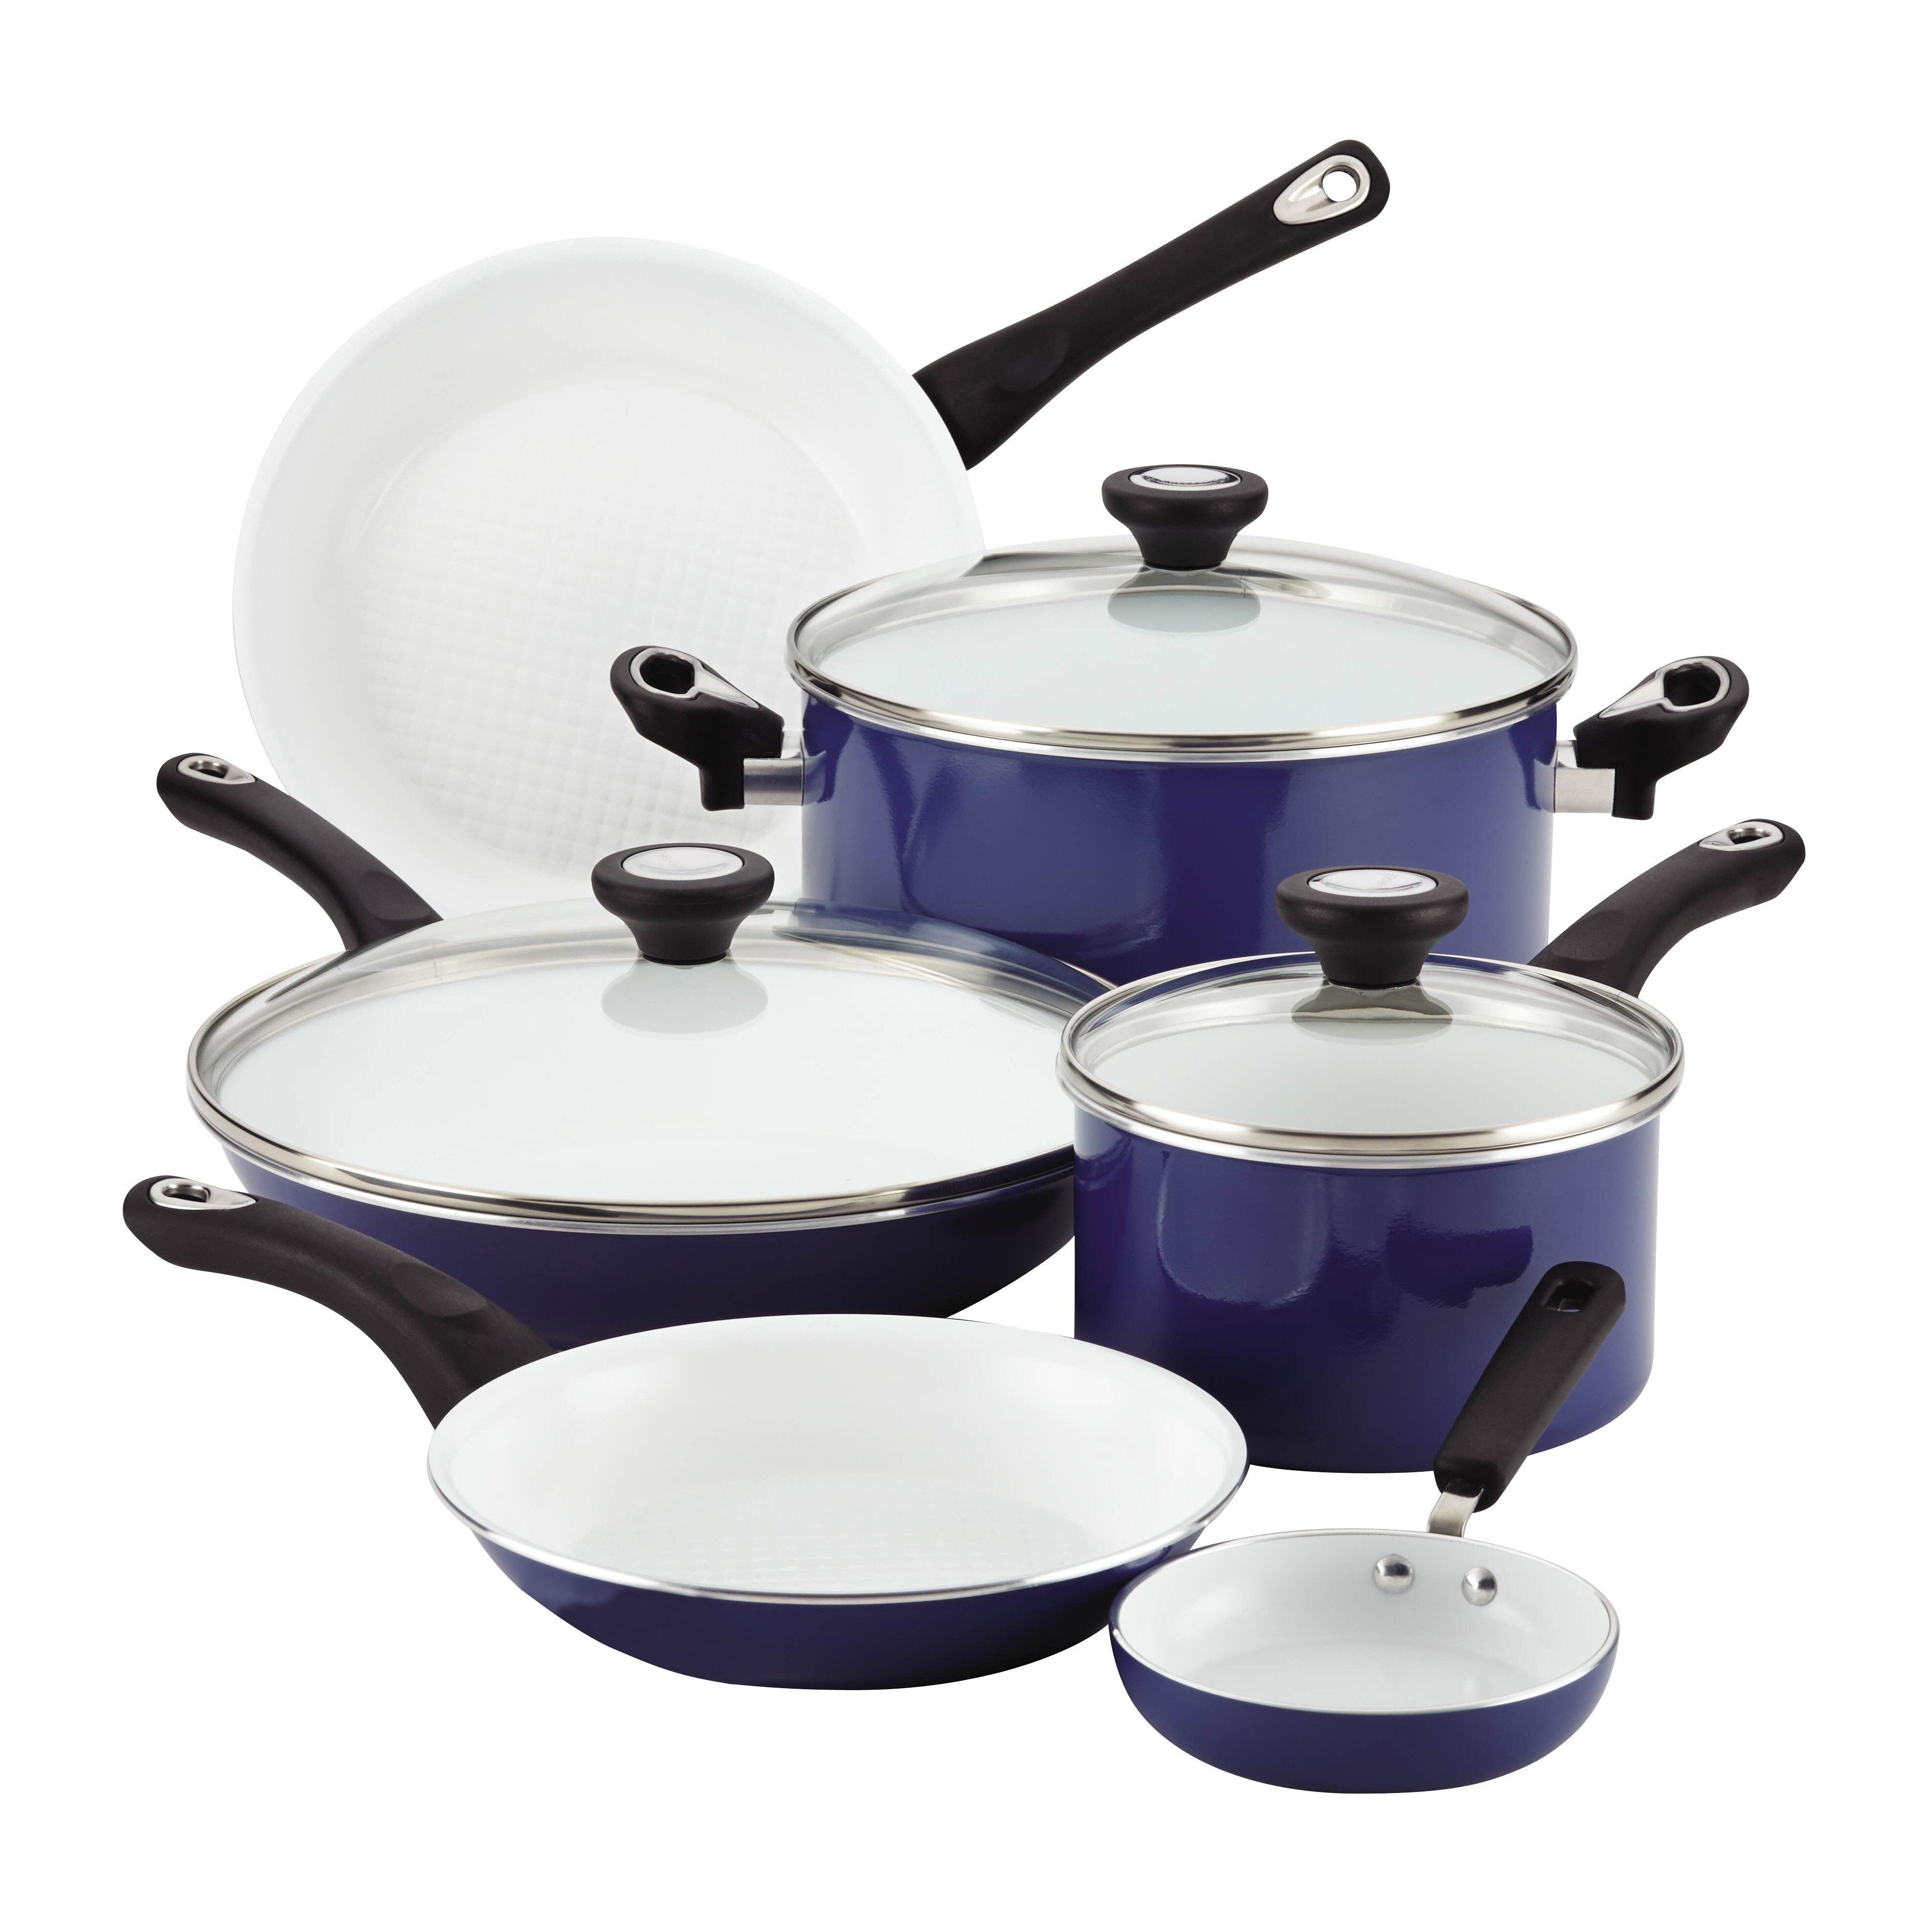 Farberware Purecook Ceramic Nonstick Cookware 12 Piece ...